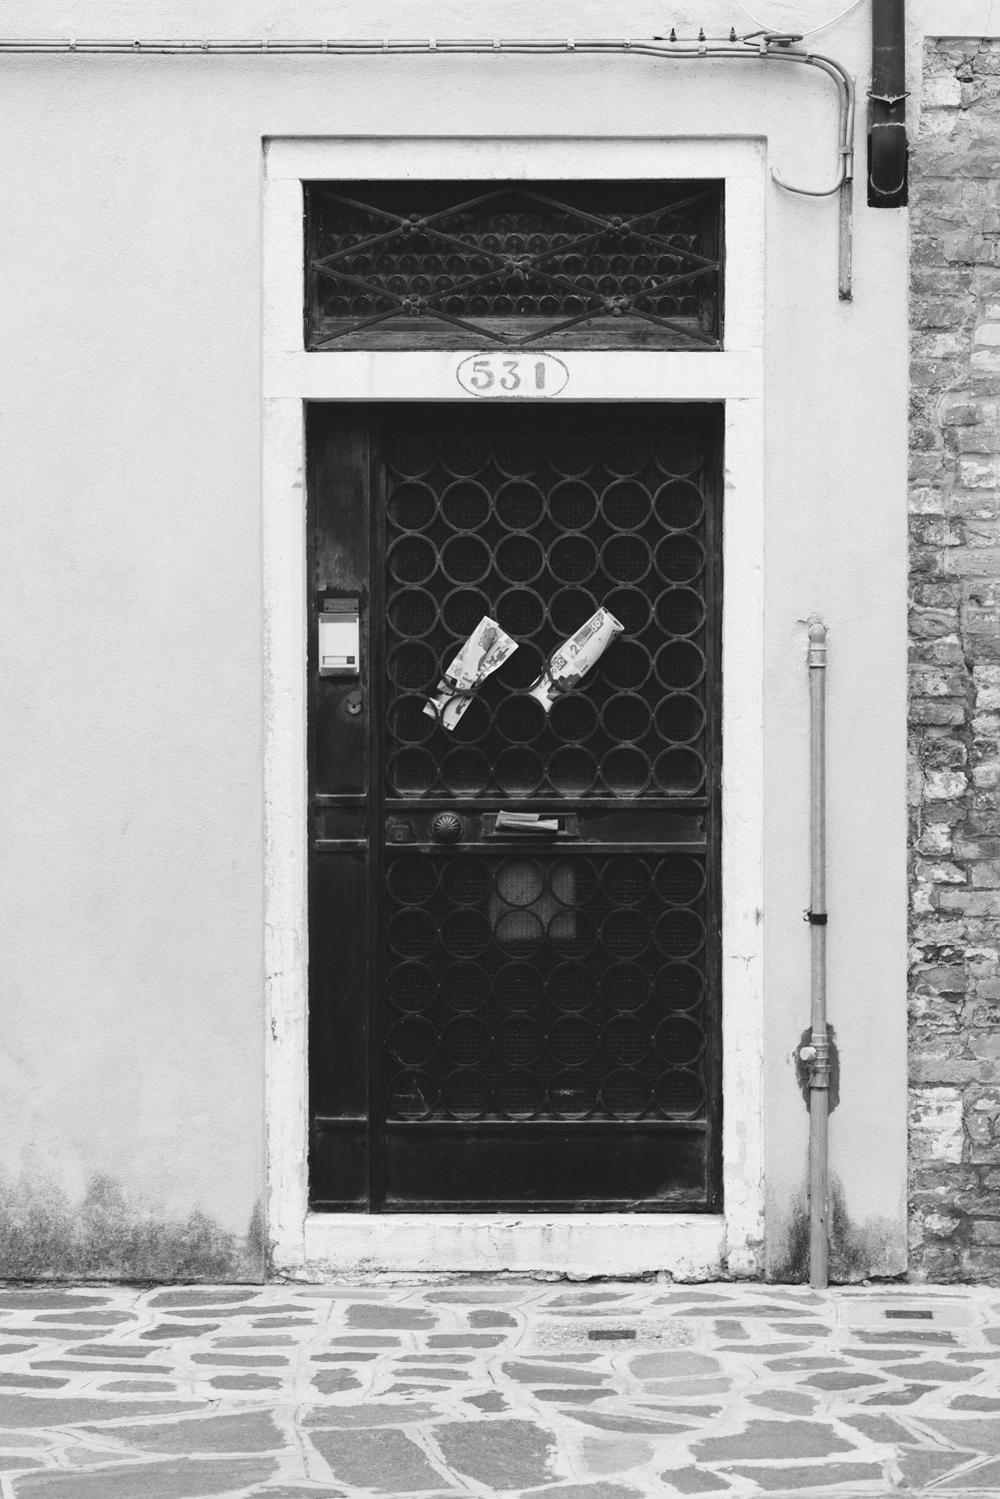 Venezia-6358.jpg